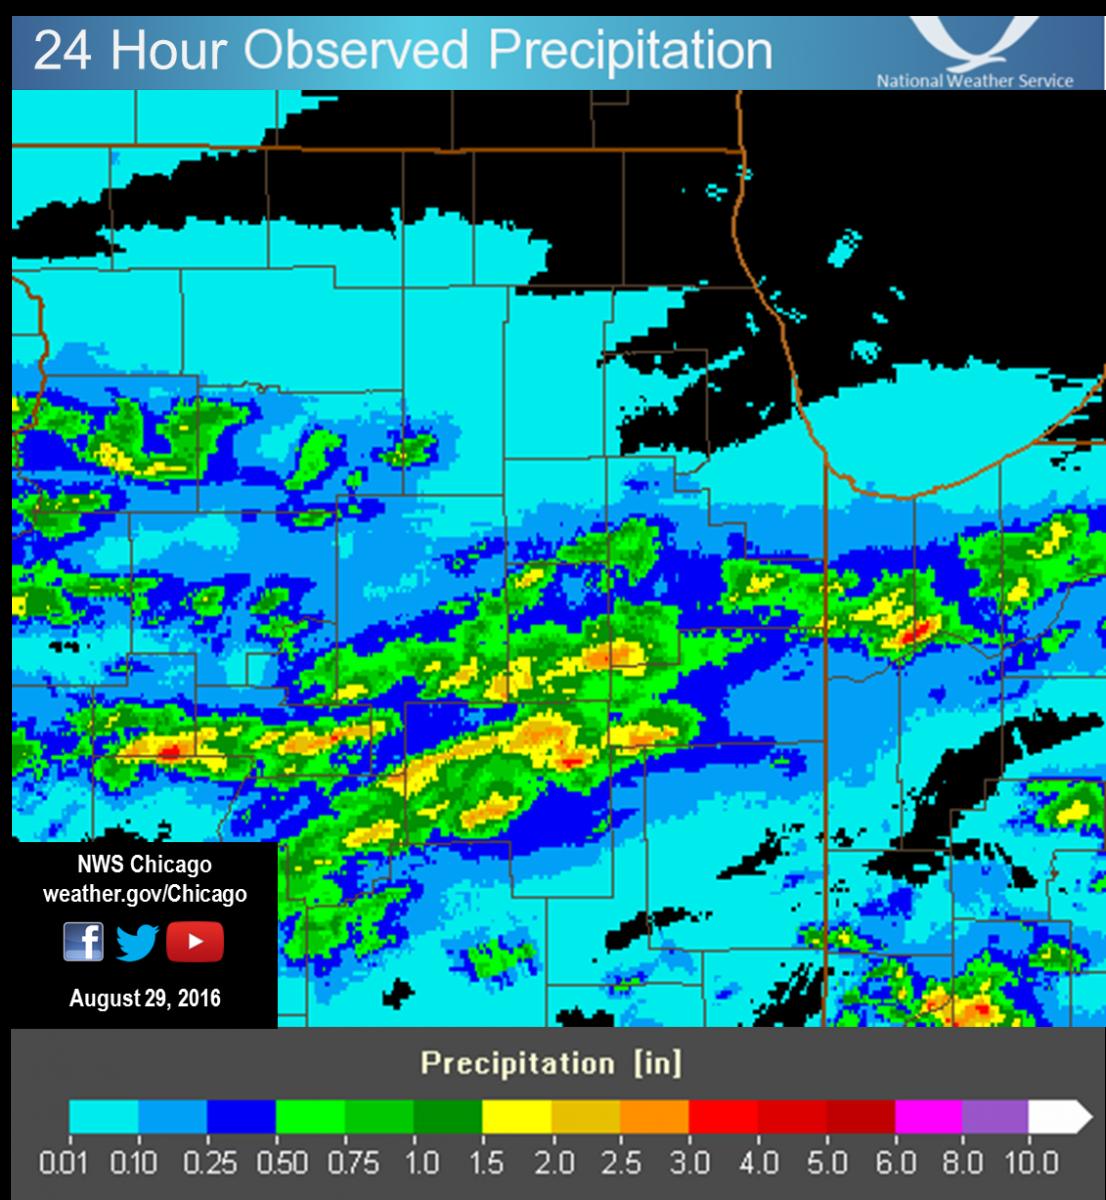 24 Hour Precipitation